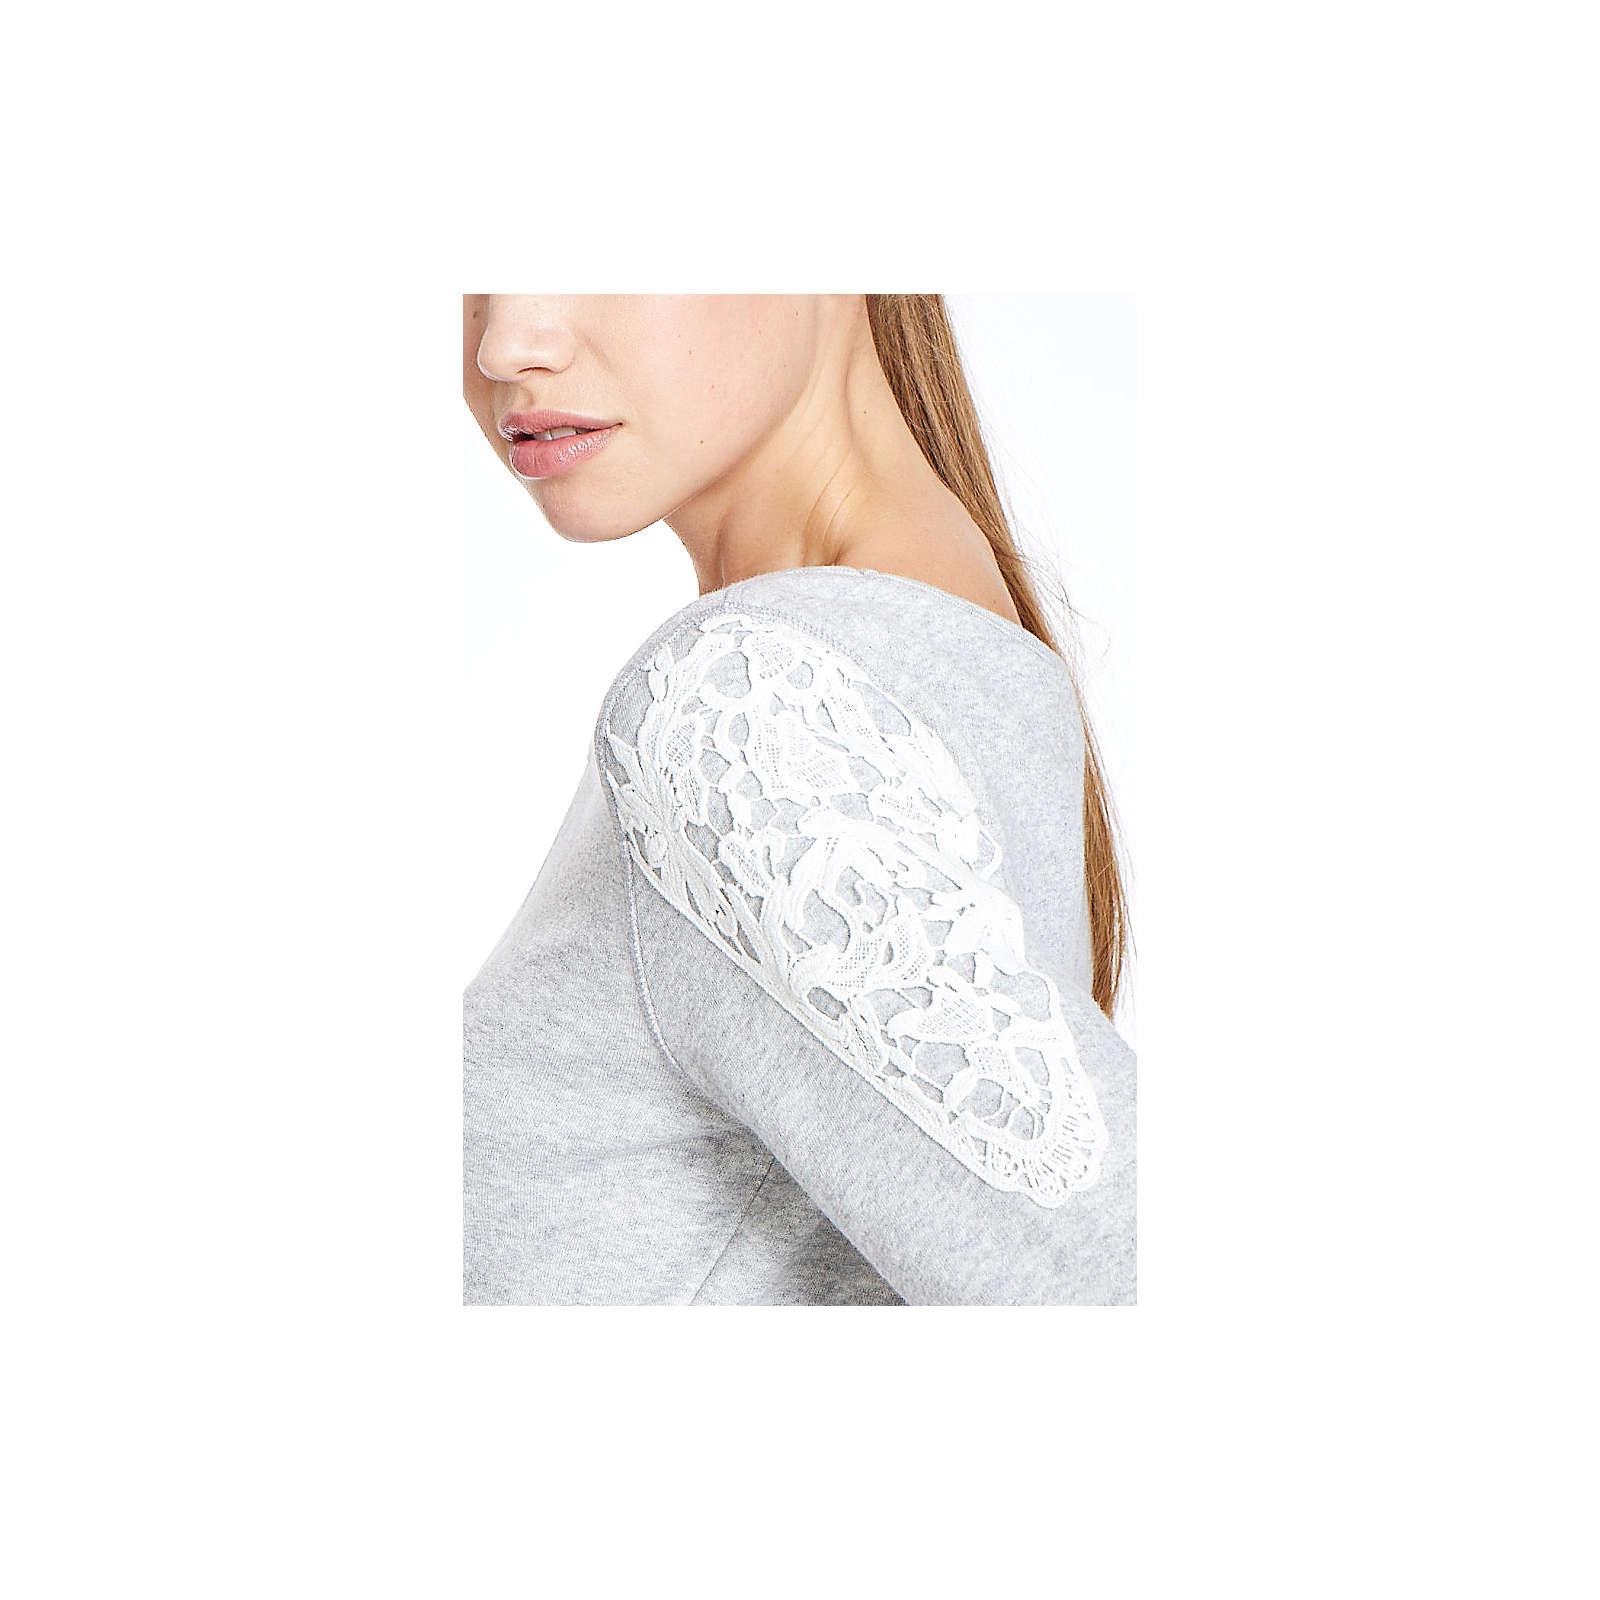 db161099f22a27 Rabatt-Preisvergleich.de - Frauen > Bekleidung > Shirts ...